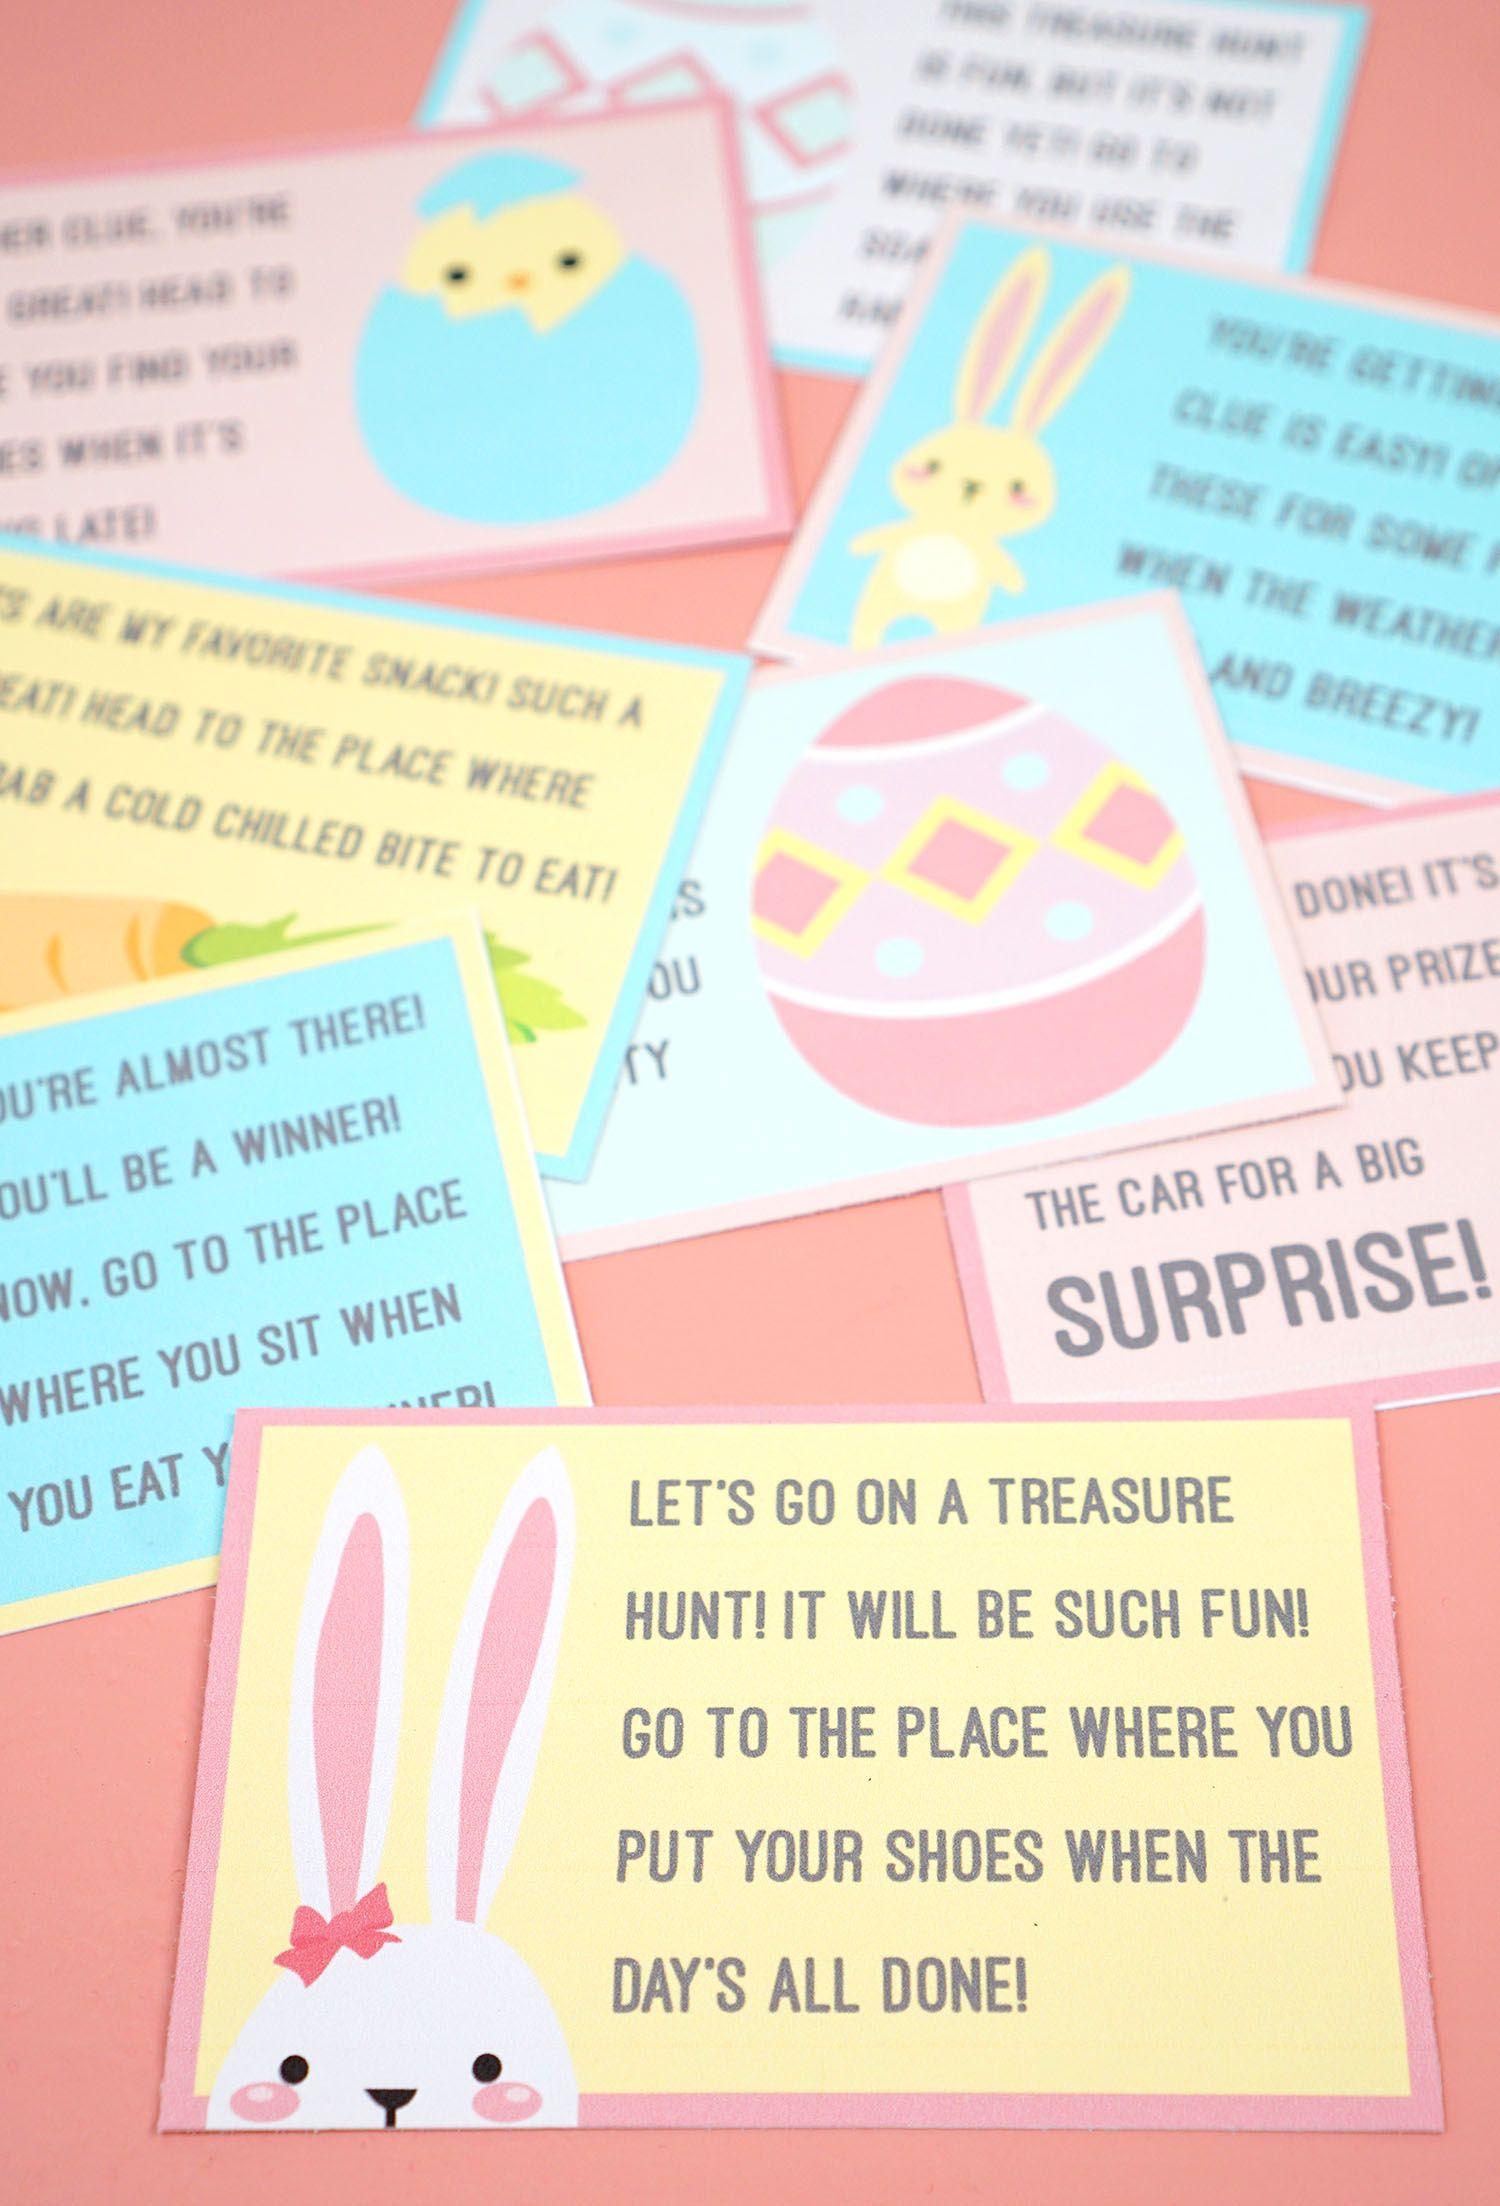 35 Best Easter Egg Hunt Ideas For Kids Unique Easter Egg Hunt Ideas